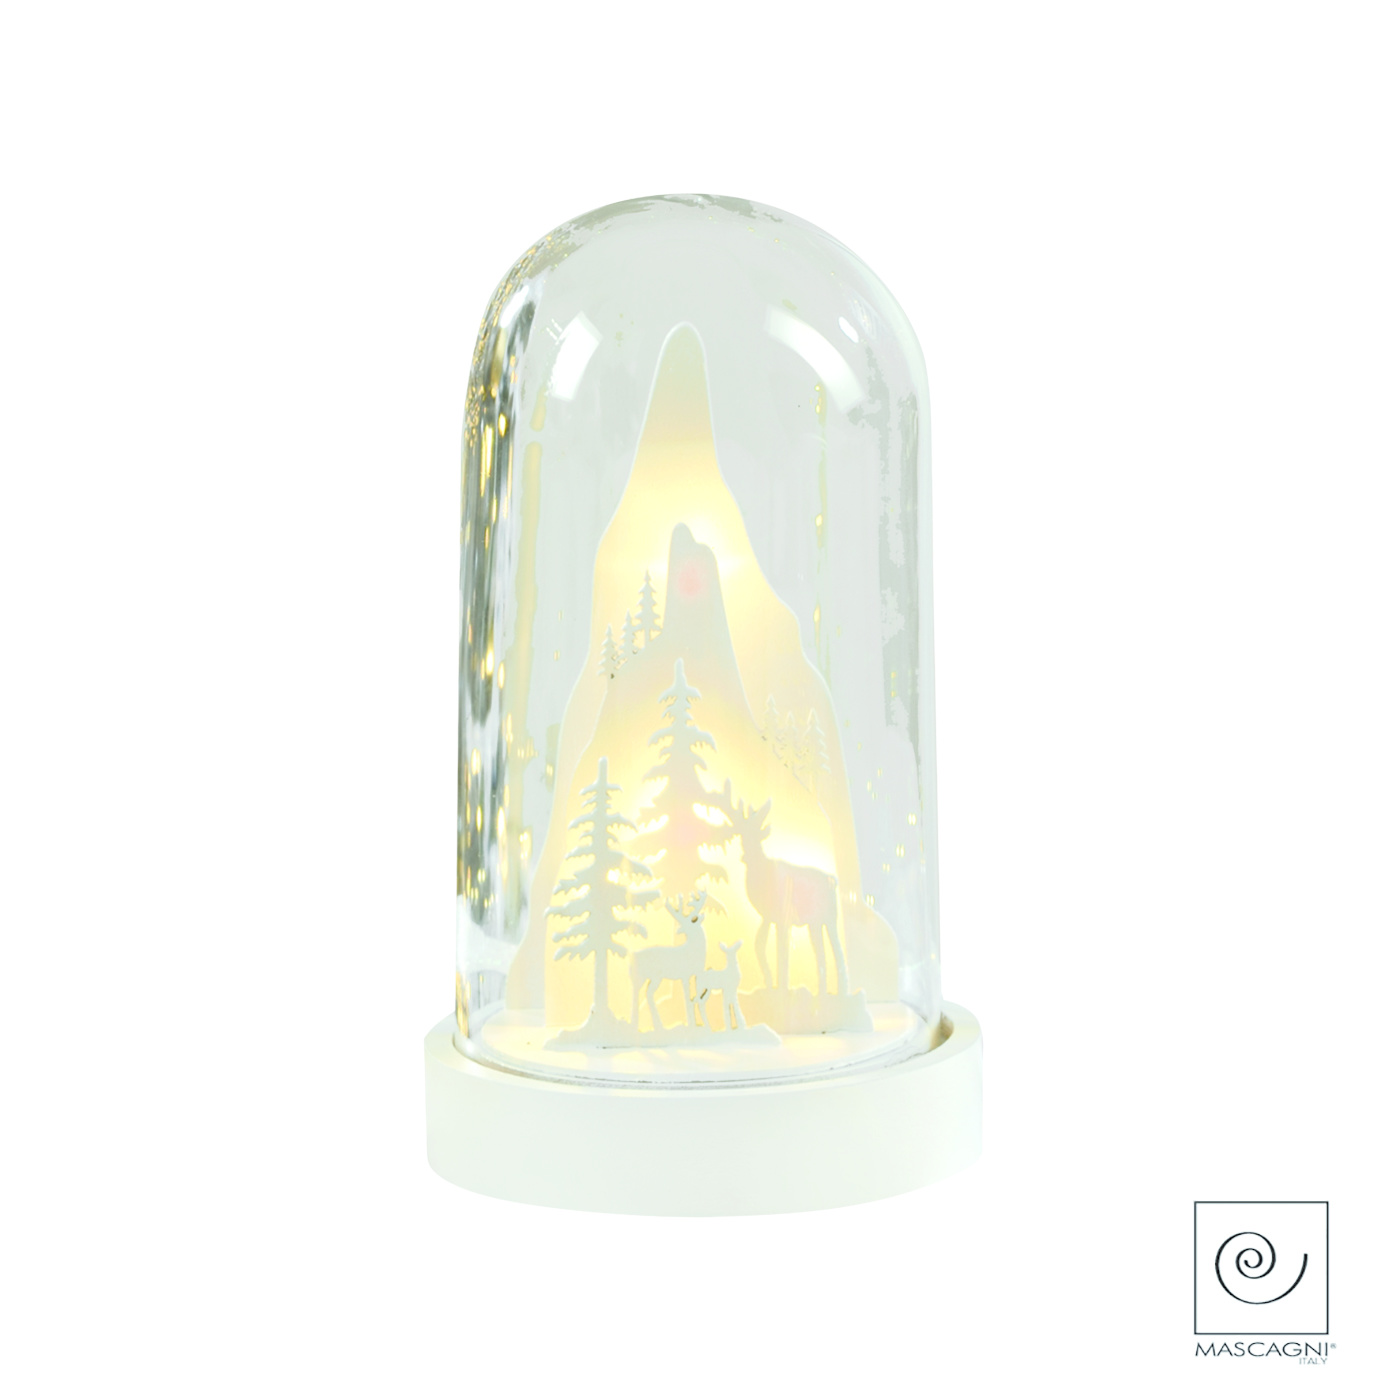 Art Mascagni LED BELL CM.20